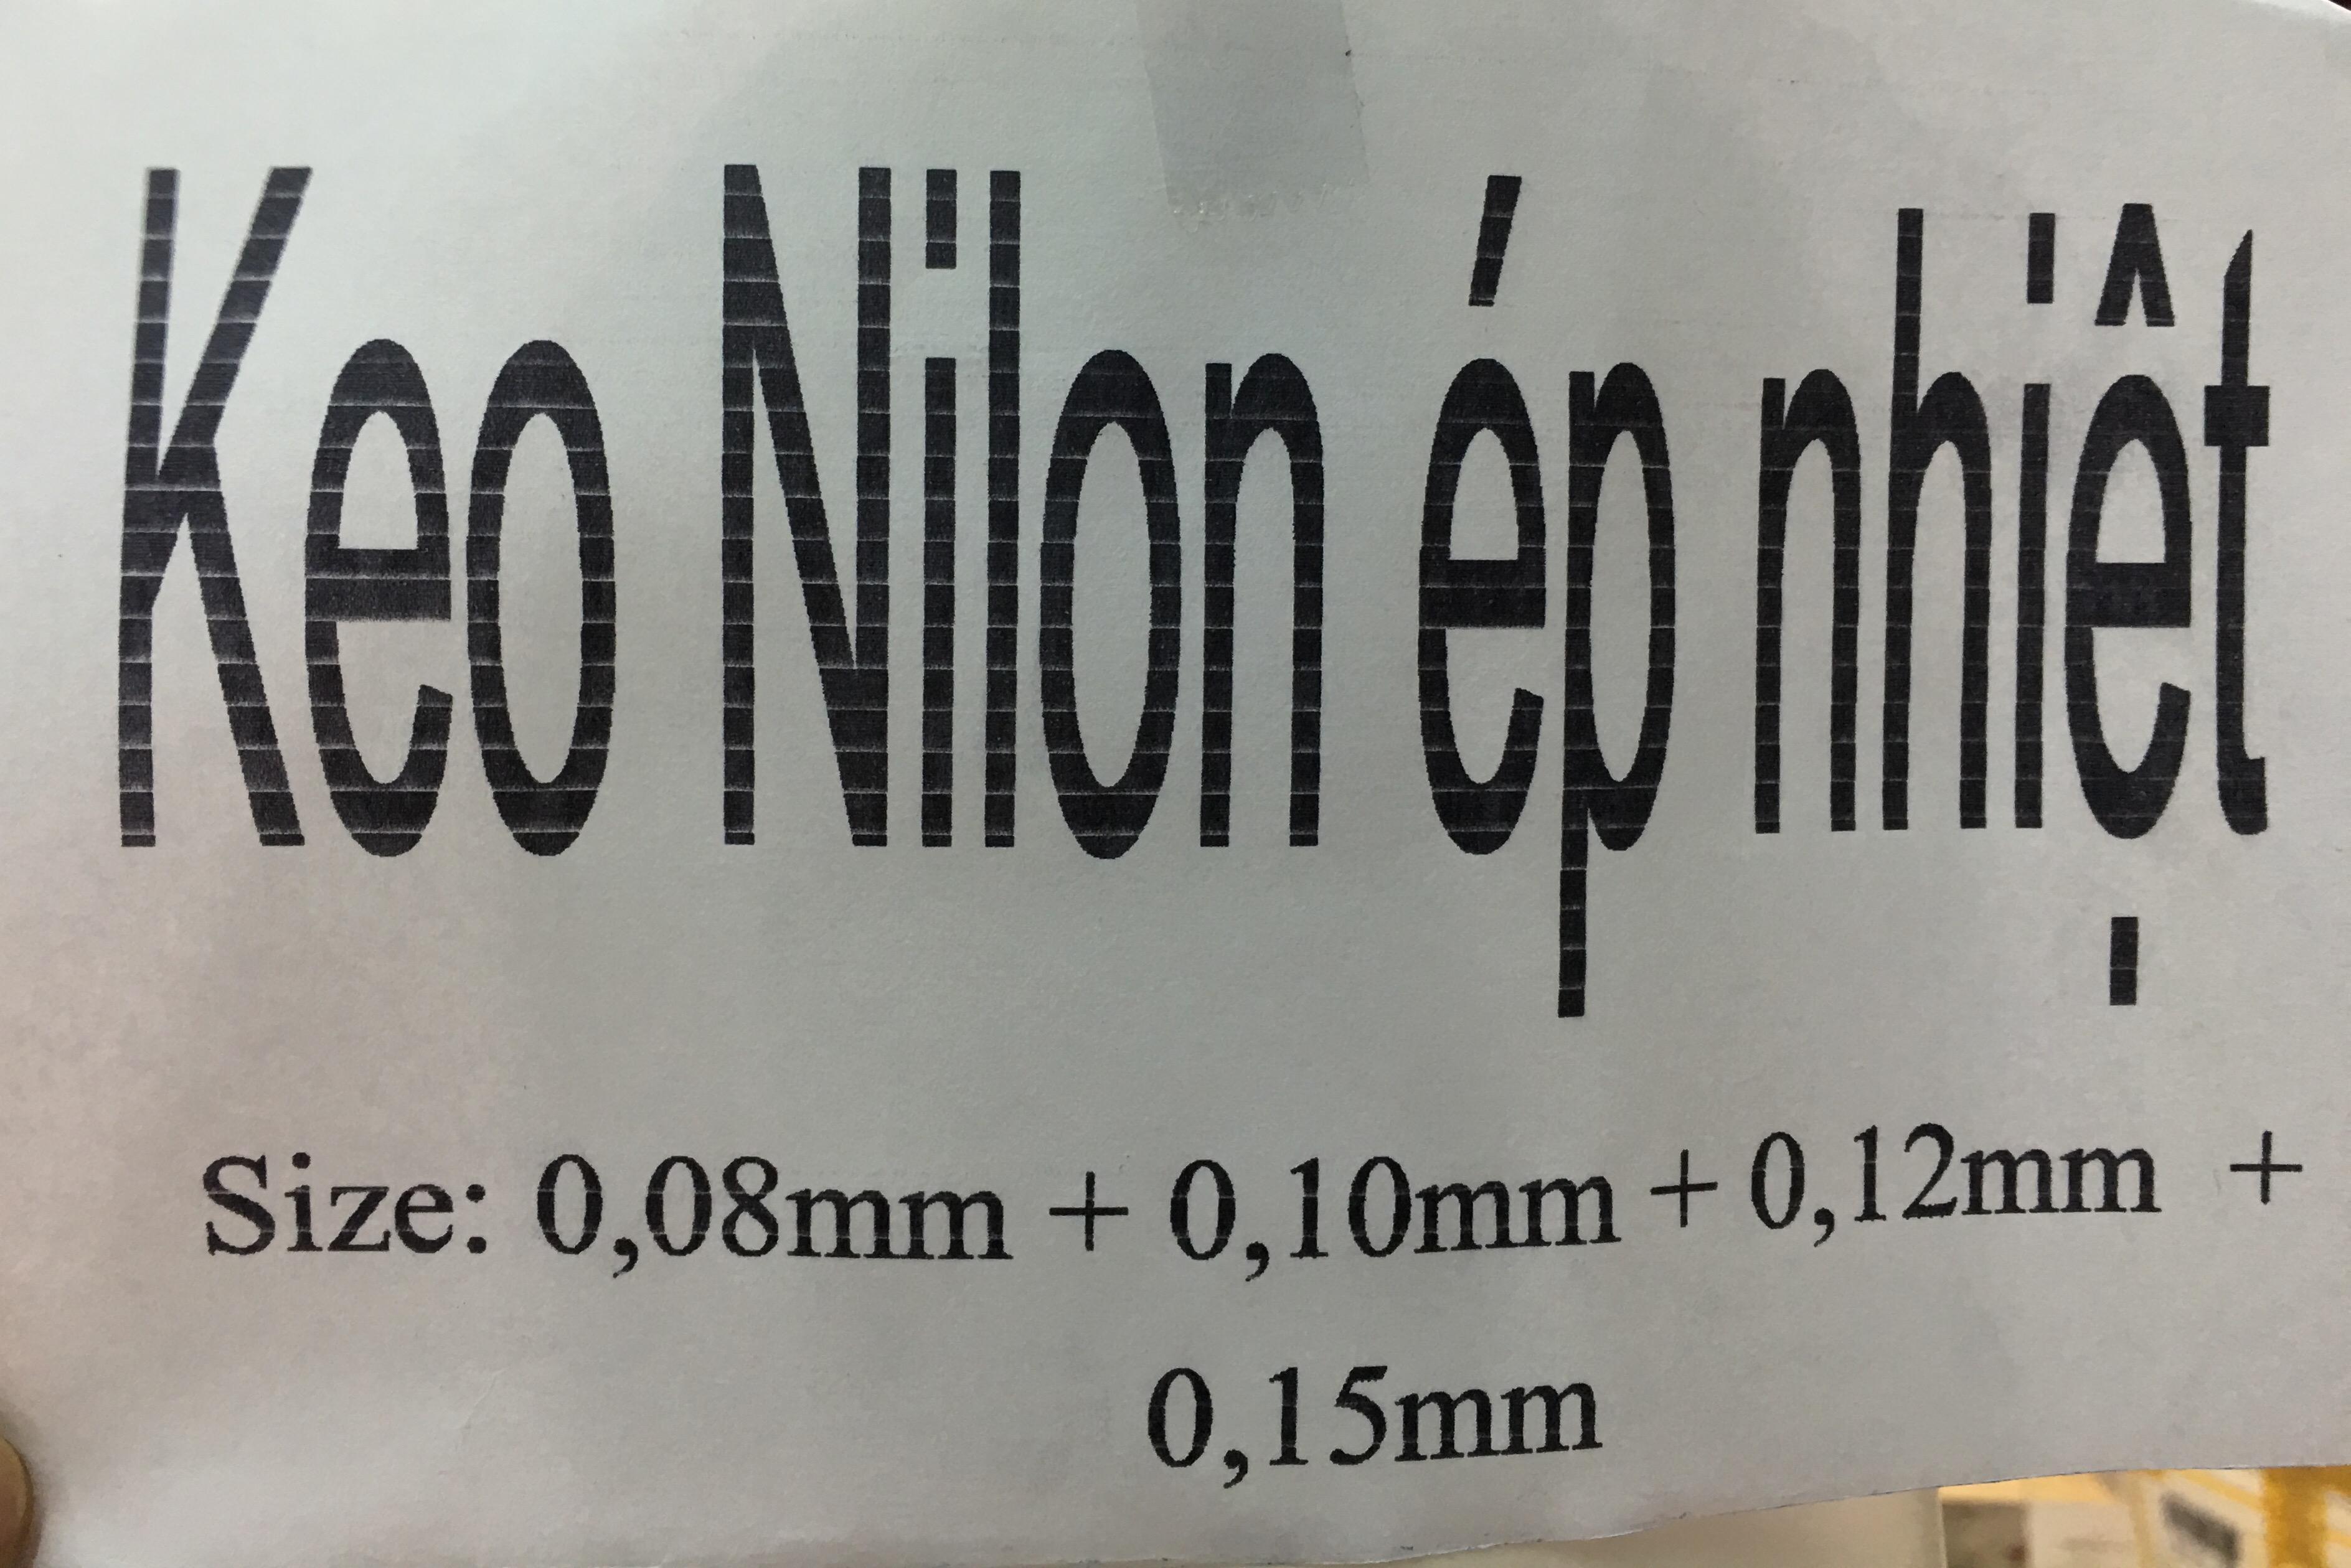 Keo Nilon Ép Nhiệt